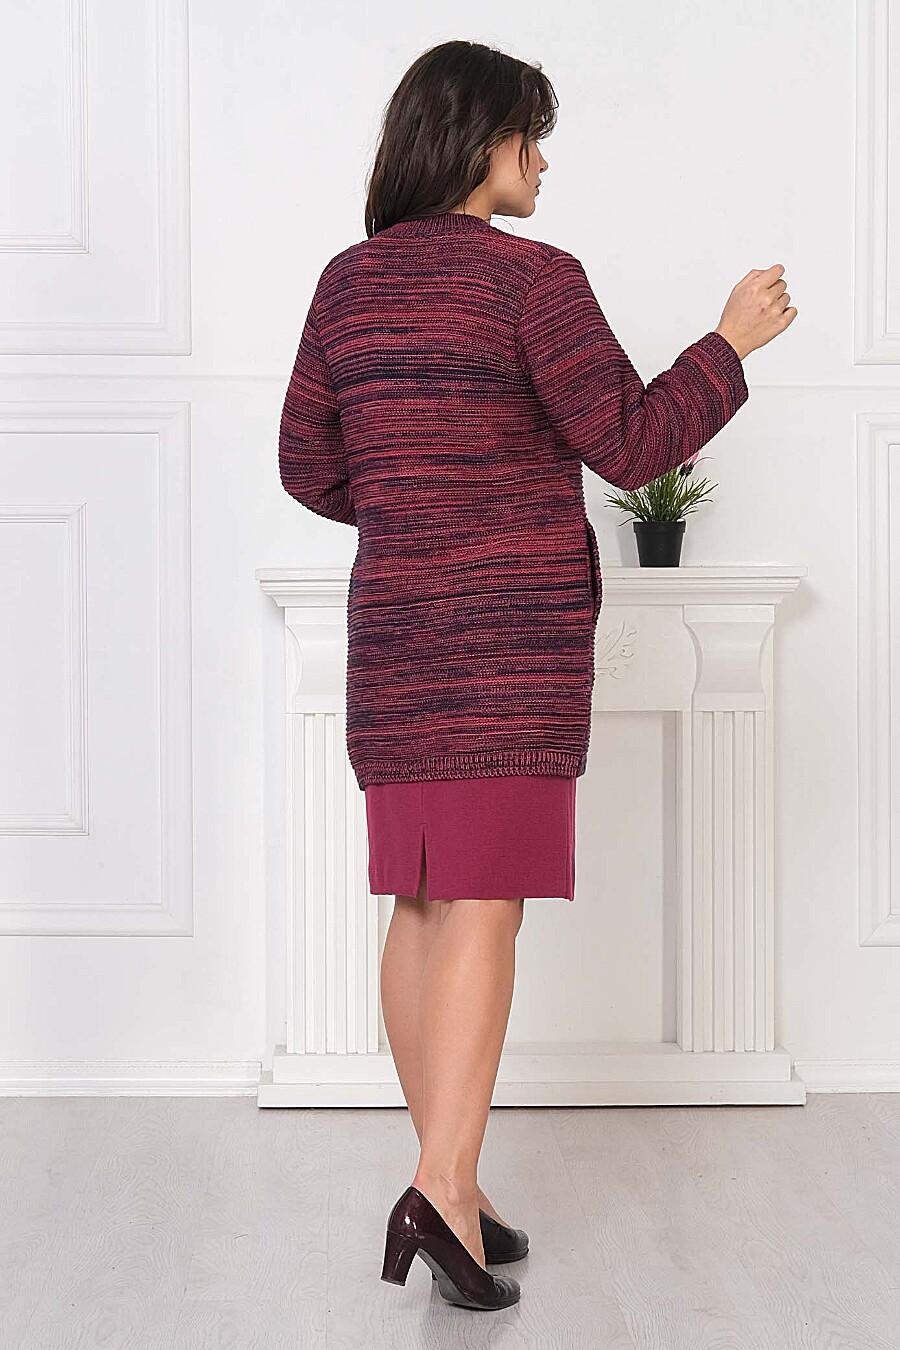 Кардиган для женщин ANKOLI 184375 купить оптом от производителя. Совместная покупка женской одежды в OptMoyo